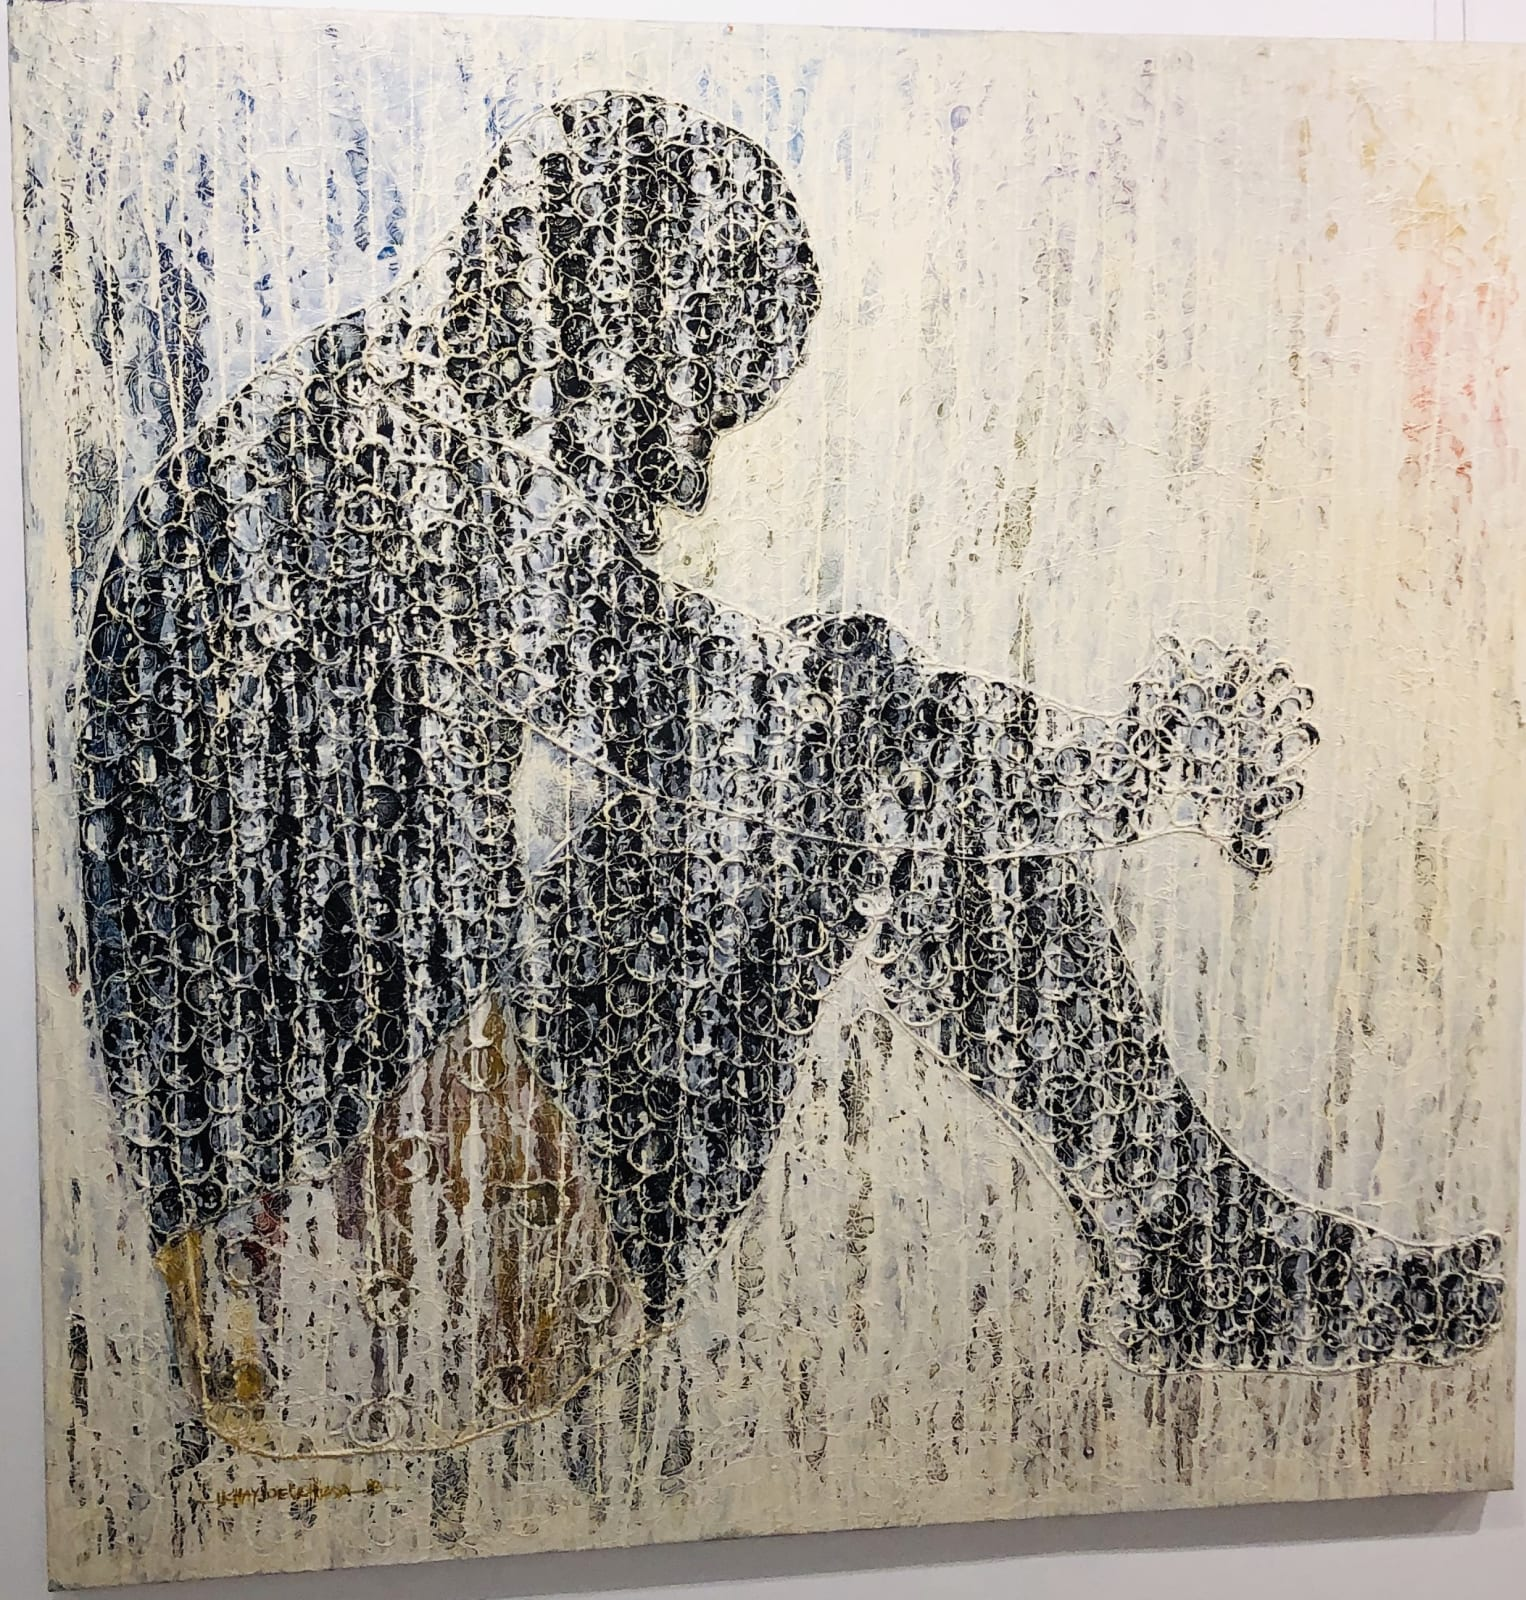 Uchay Chima, Solitude ii, 2018